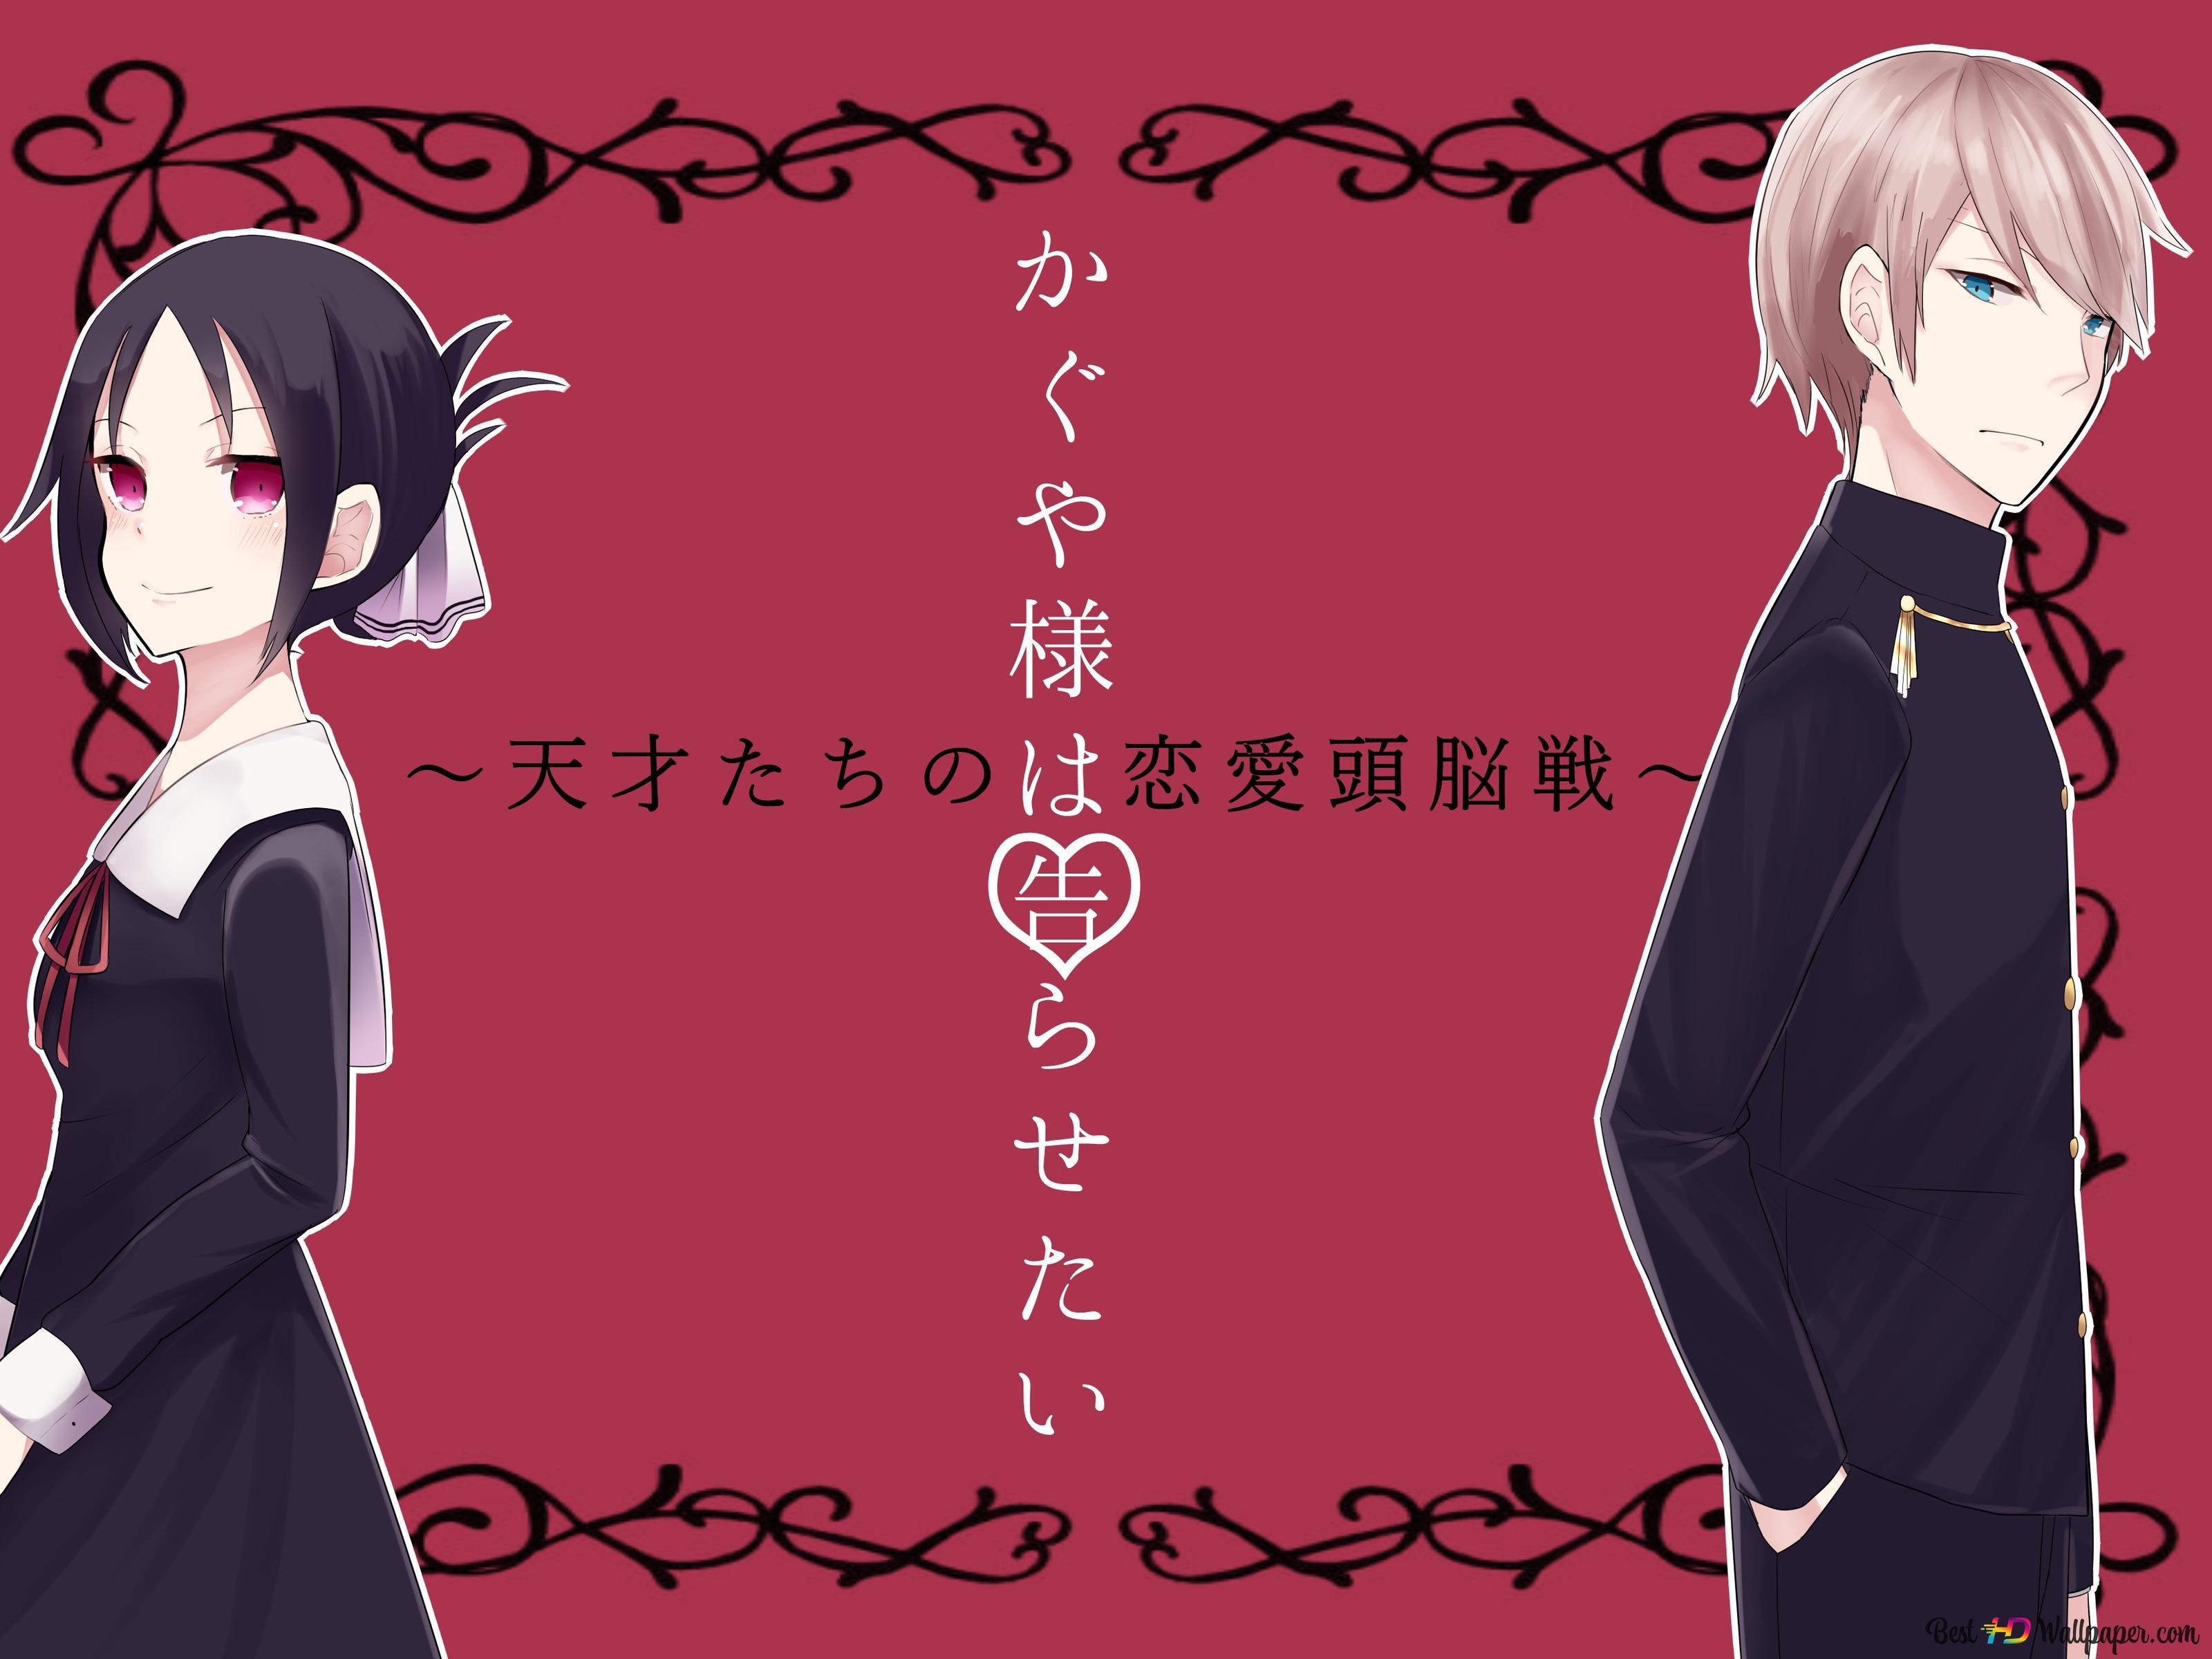 Kaguya Sama Love Is War Kaguya Shinomiya Miyuki Shirogane Hd